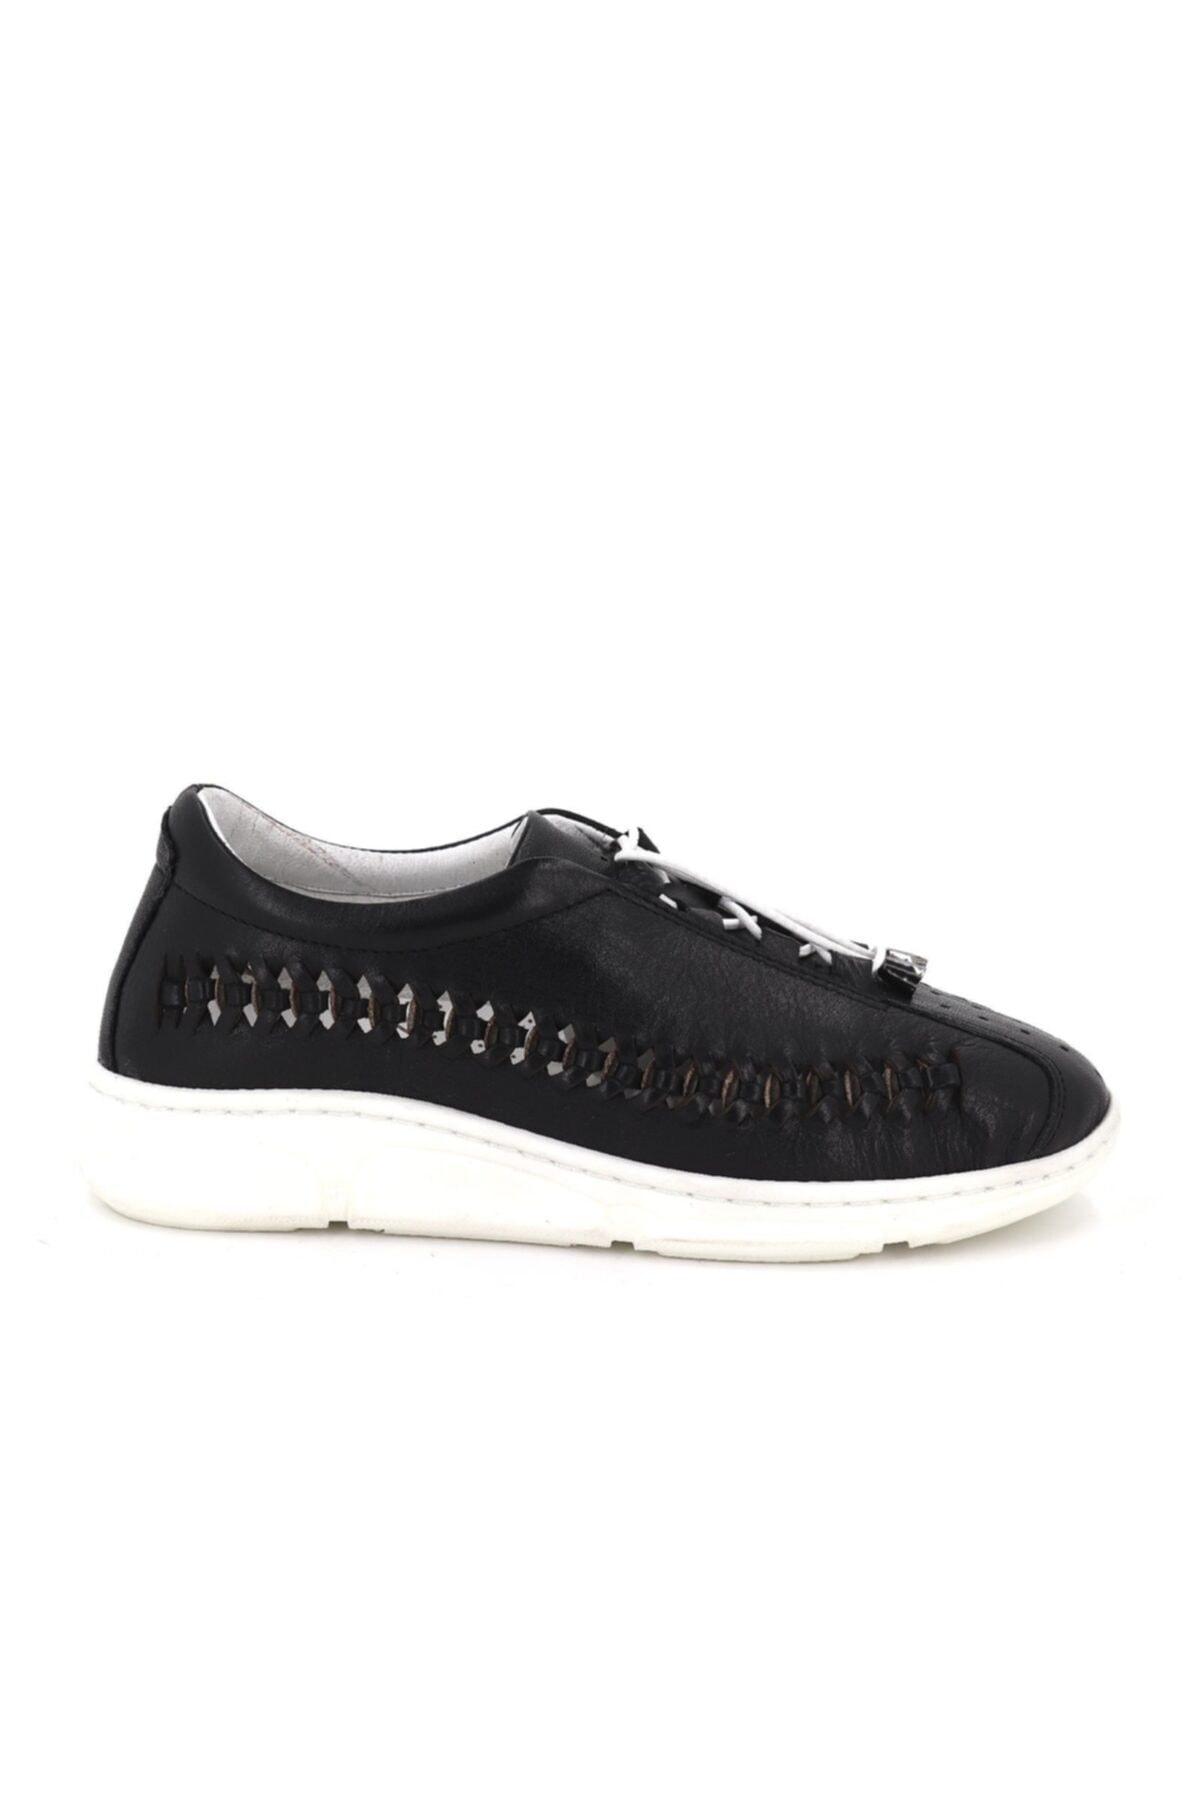 Hobby Divadonna Siyah Ortopedik Kadın Günlük Ayakkabı Dd2229 1